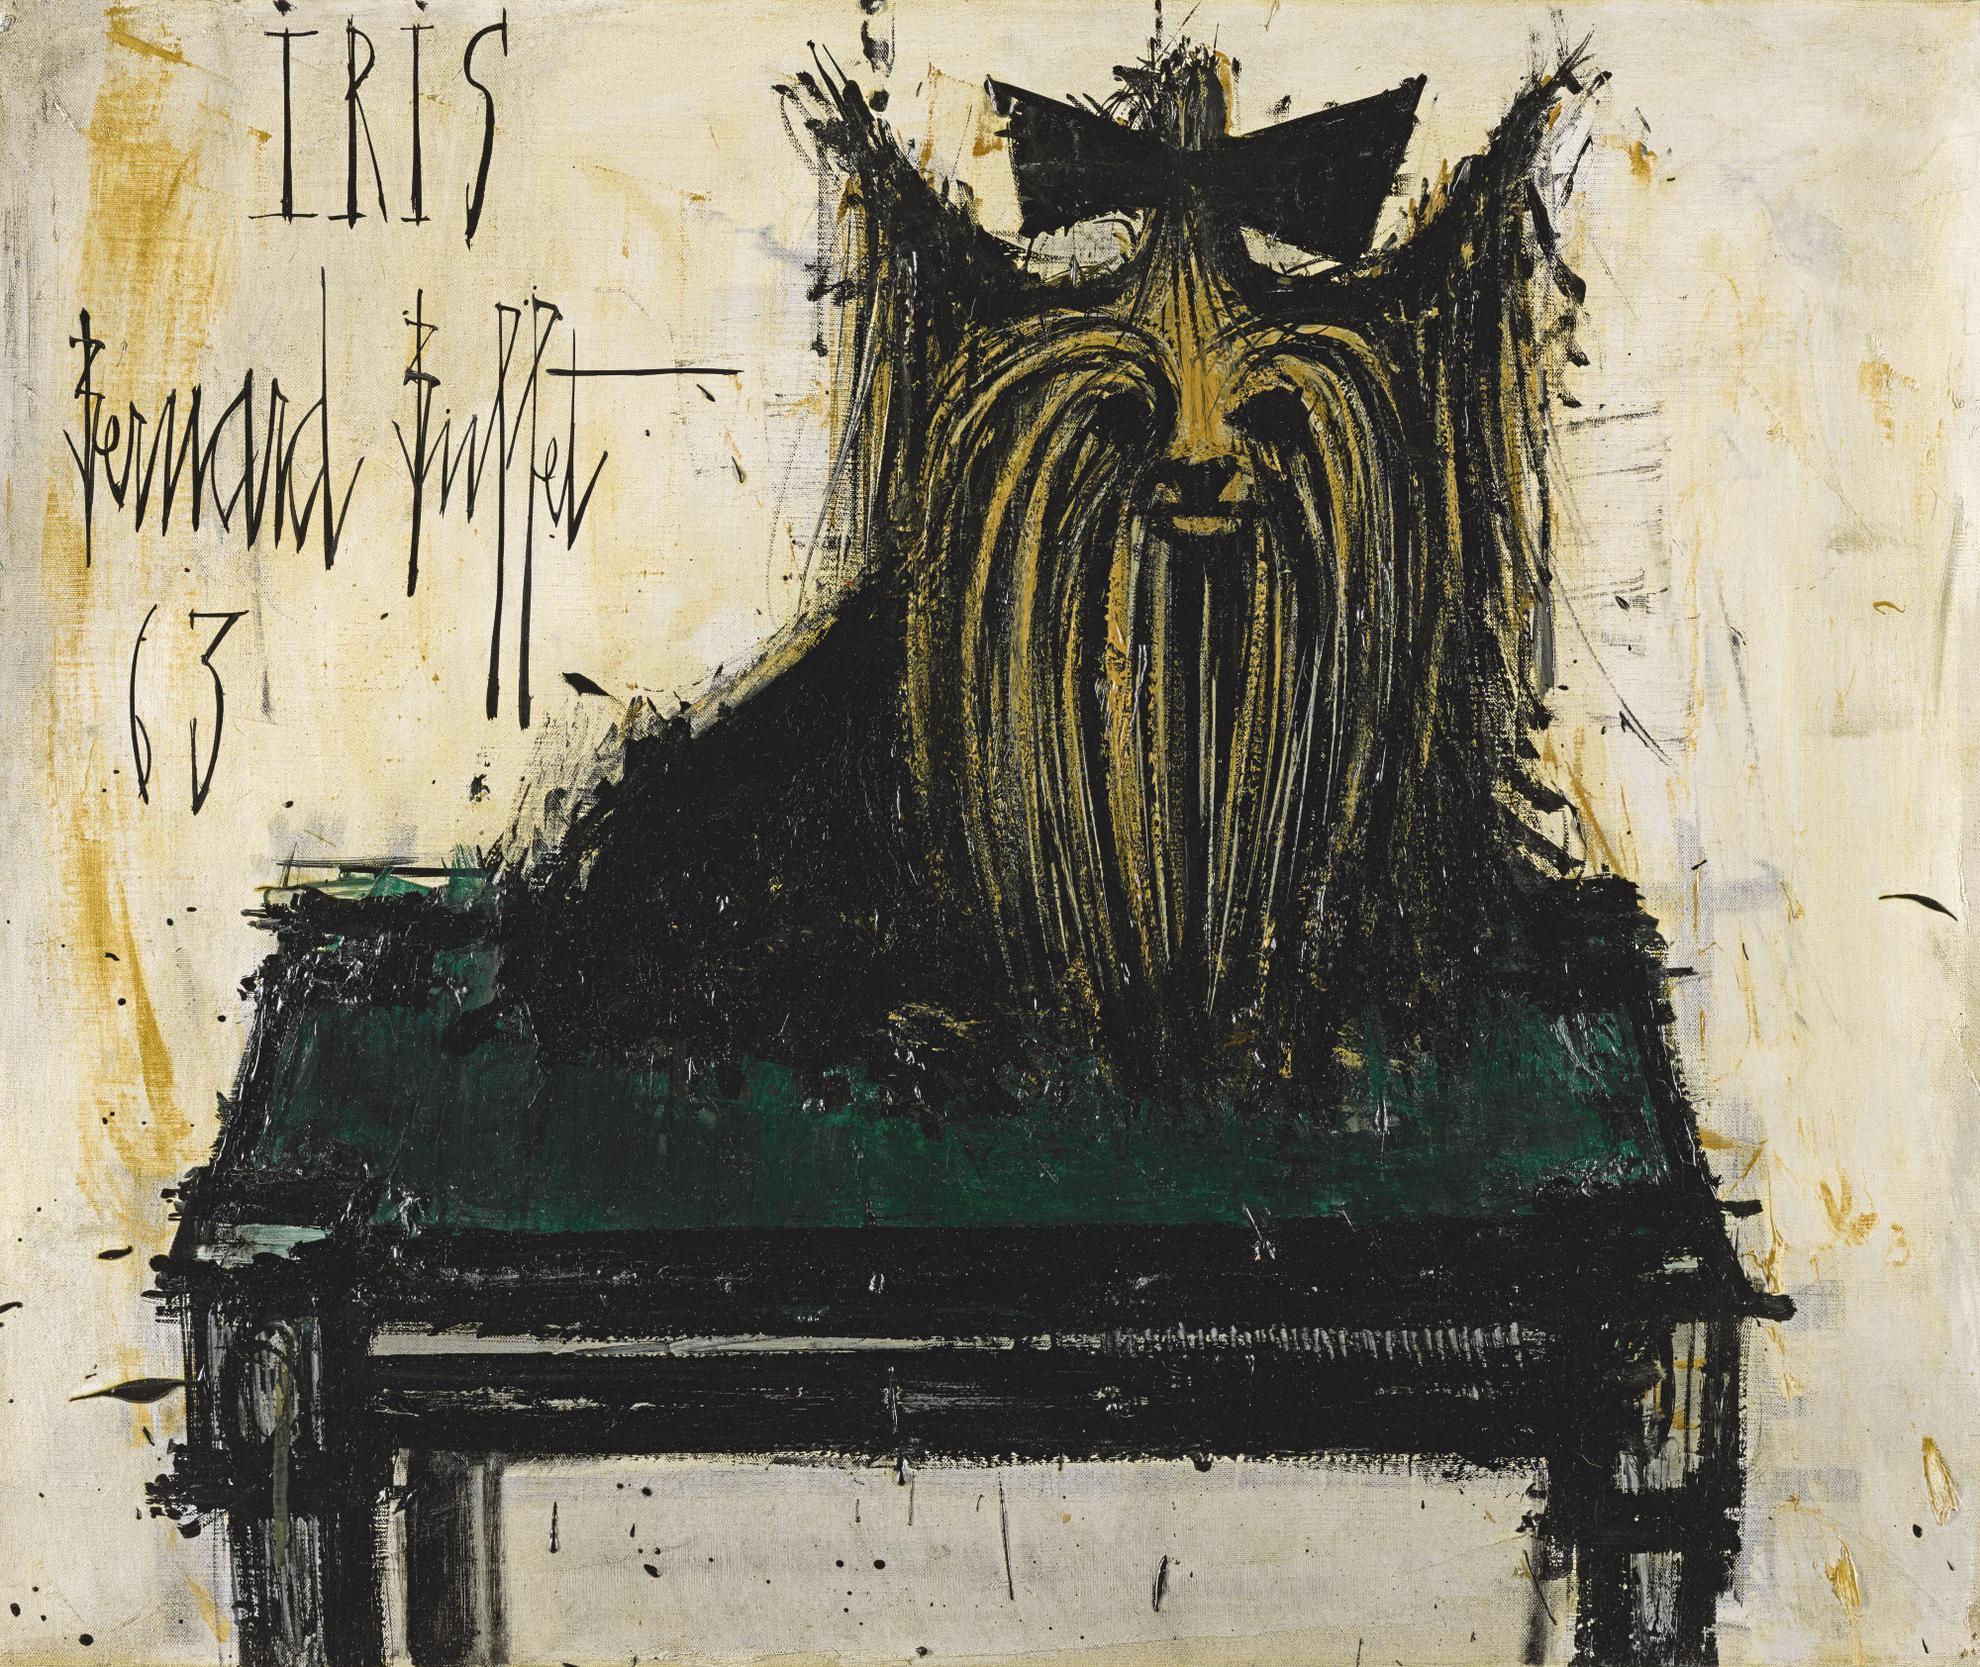 Bernard Buffet-Iris-1963